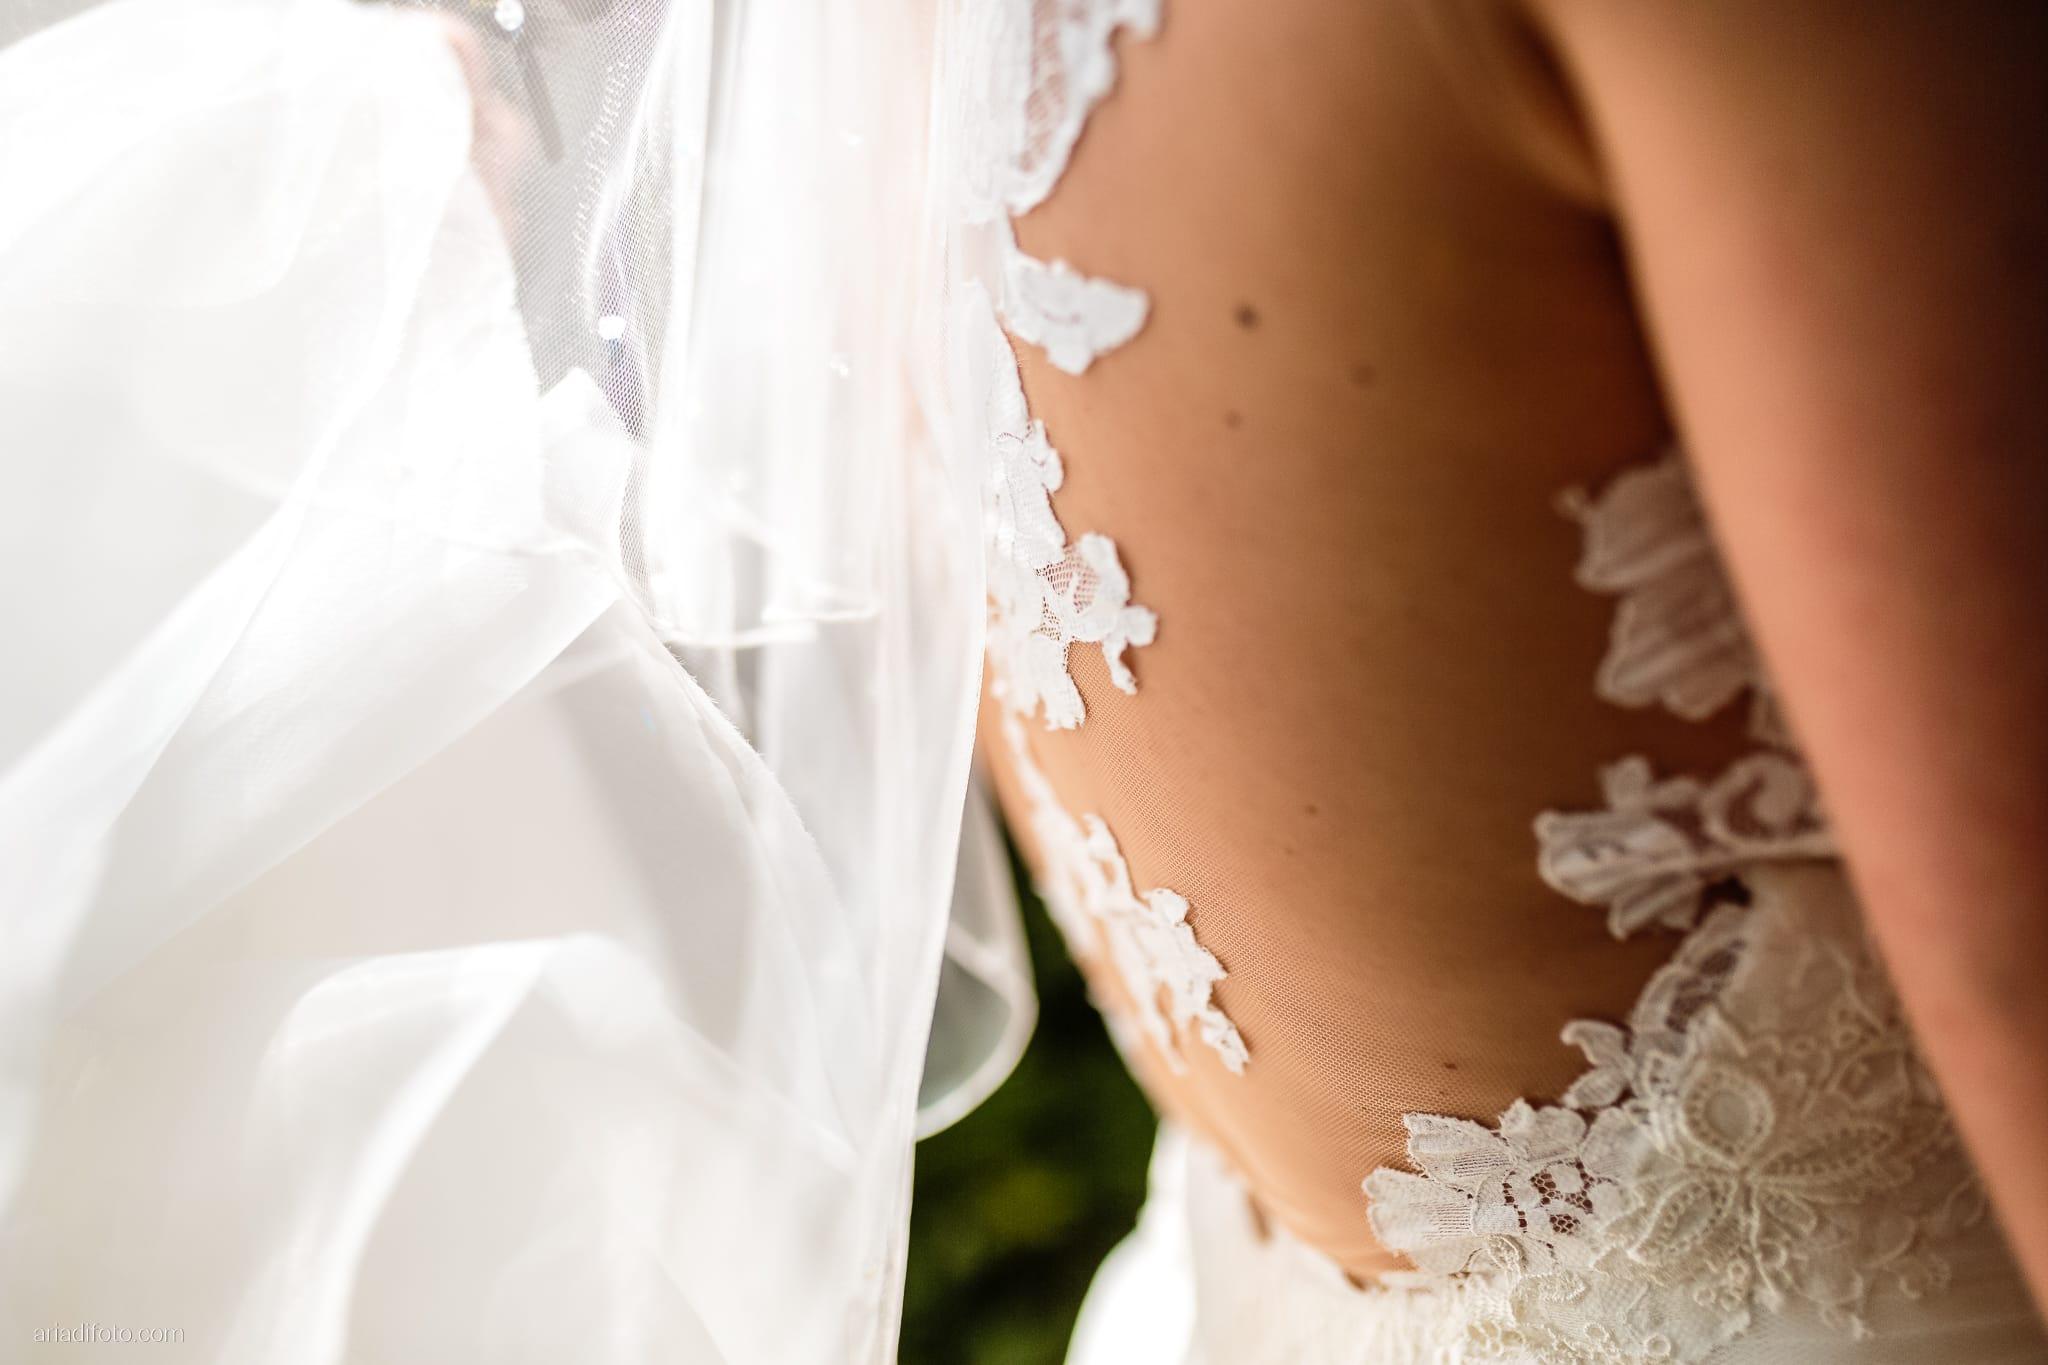 Martina Daniele Matrimonio Duino Baronesse Tacco Collio Gorizia ritratti sposi abito velo